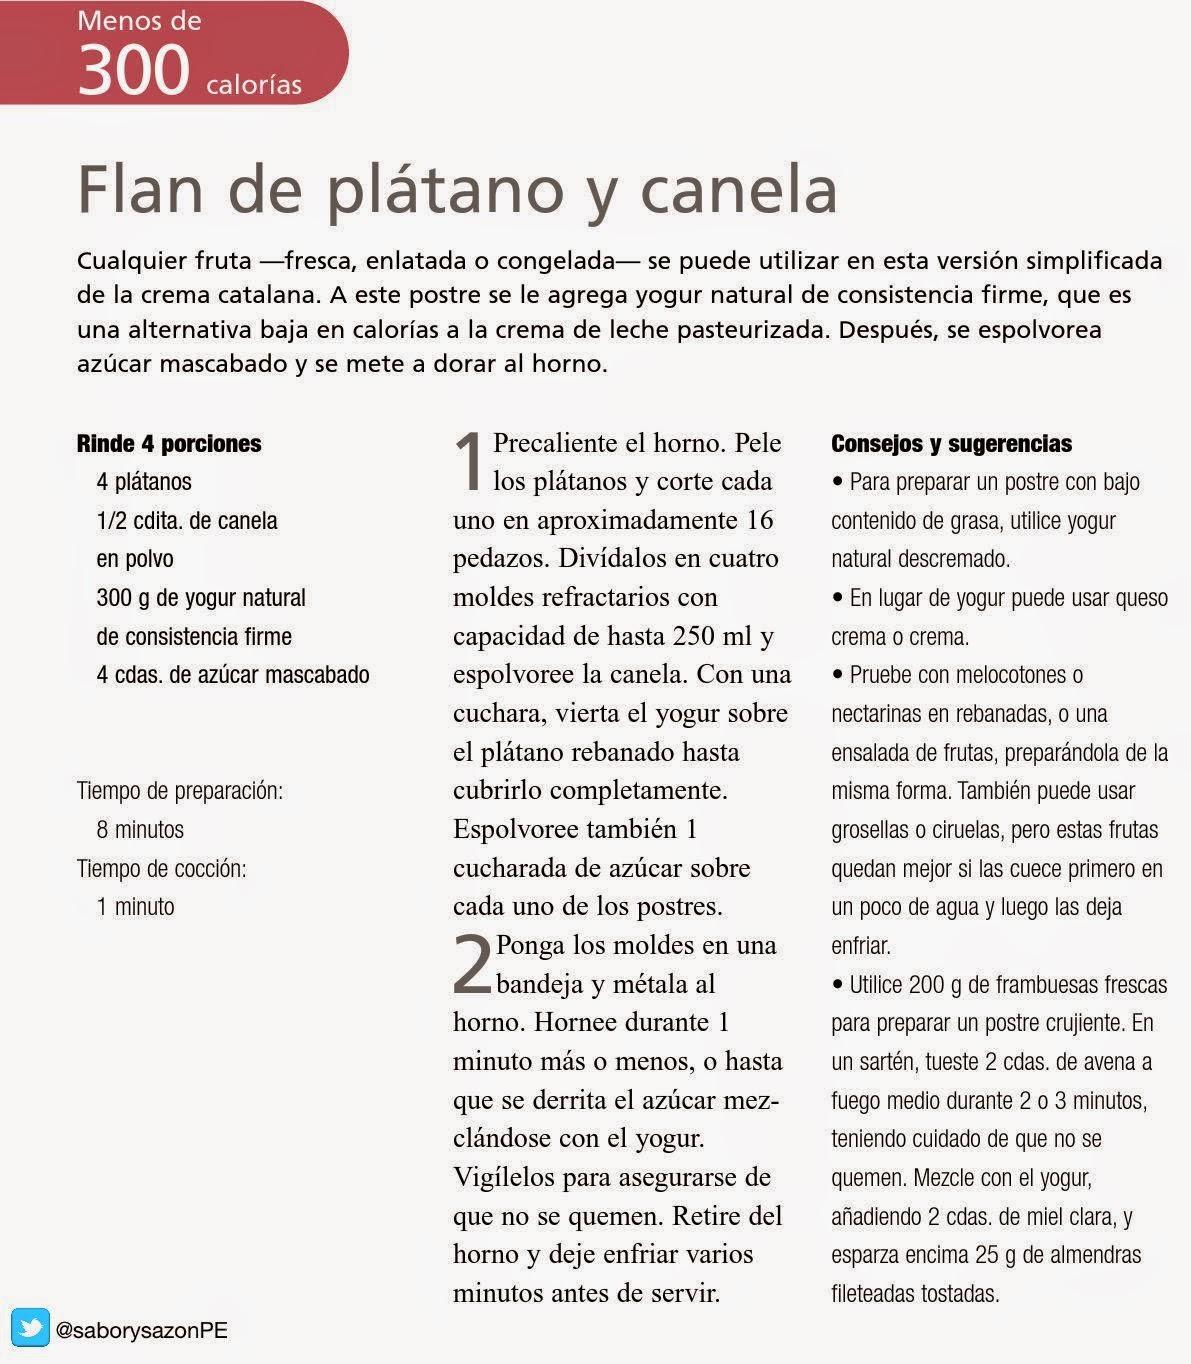 COMO PREPARAR UN FLAN DE PLÁTANO Y CANELA - Recetas